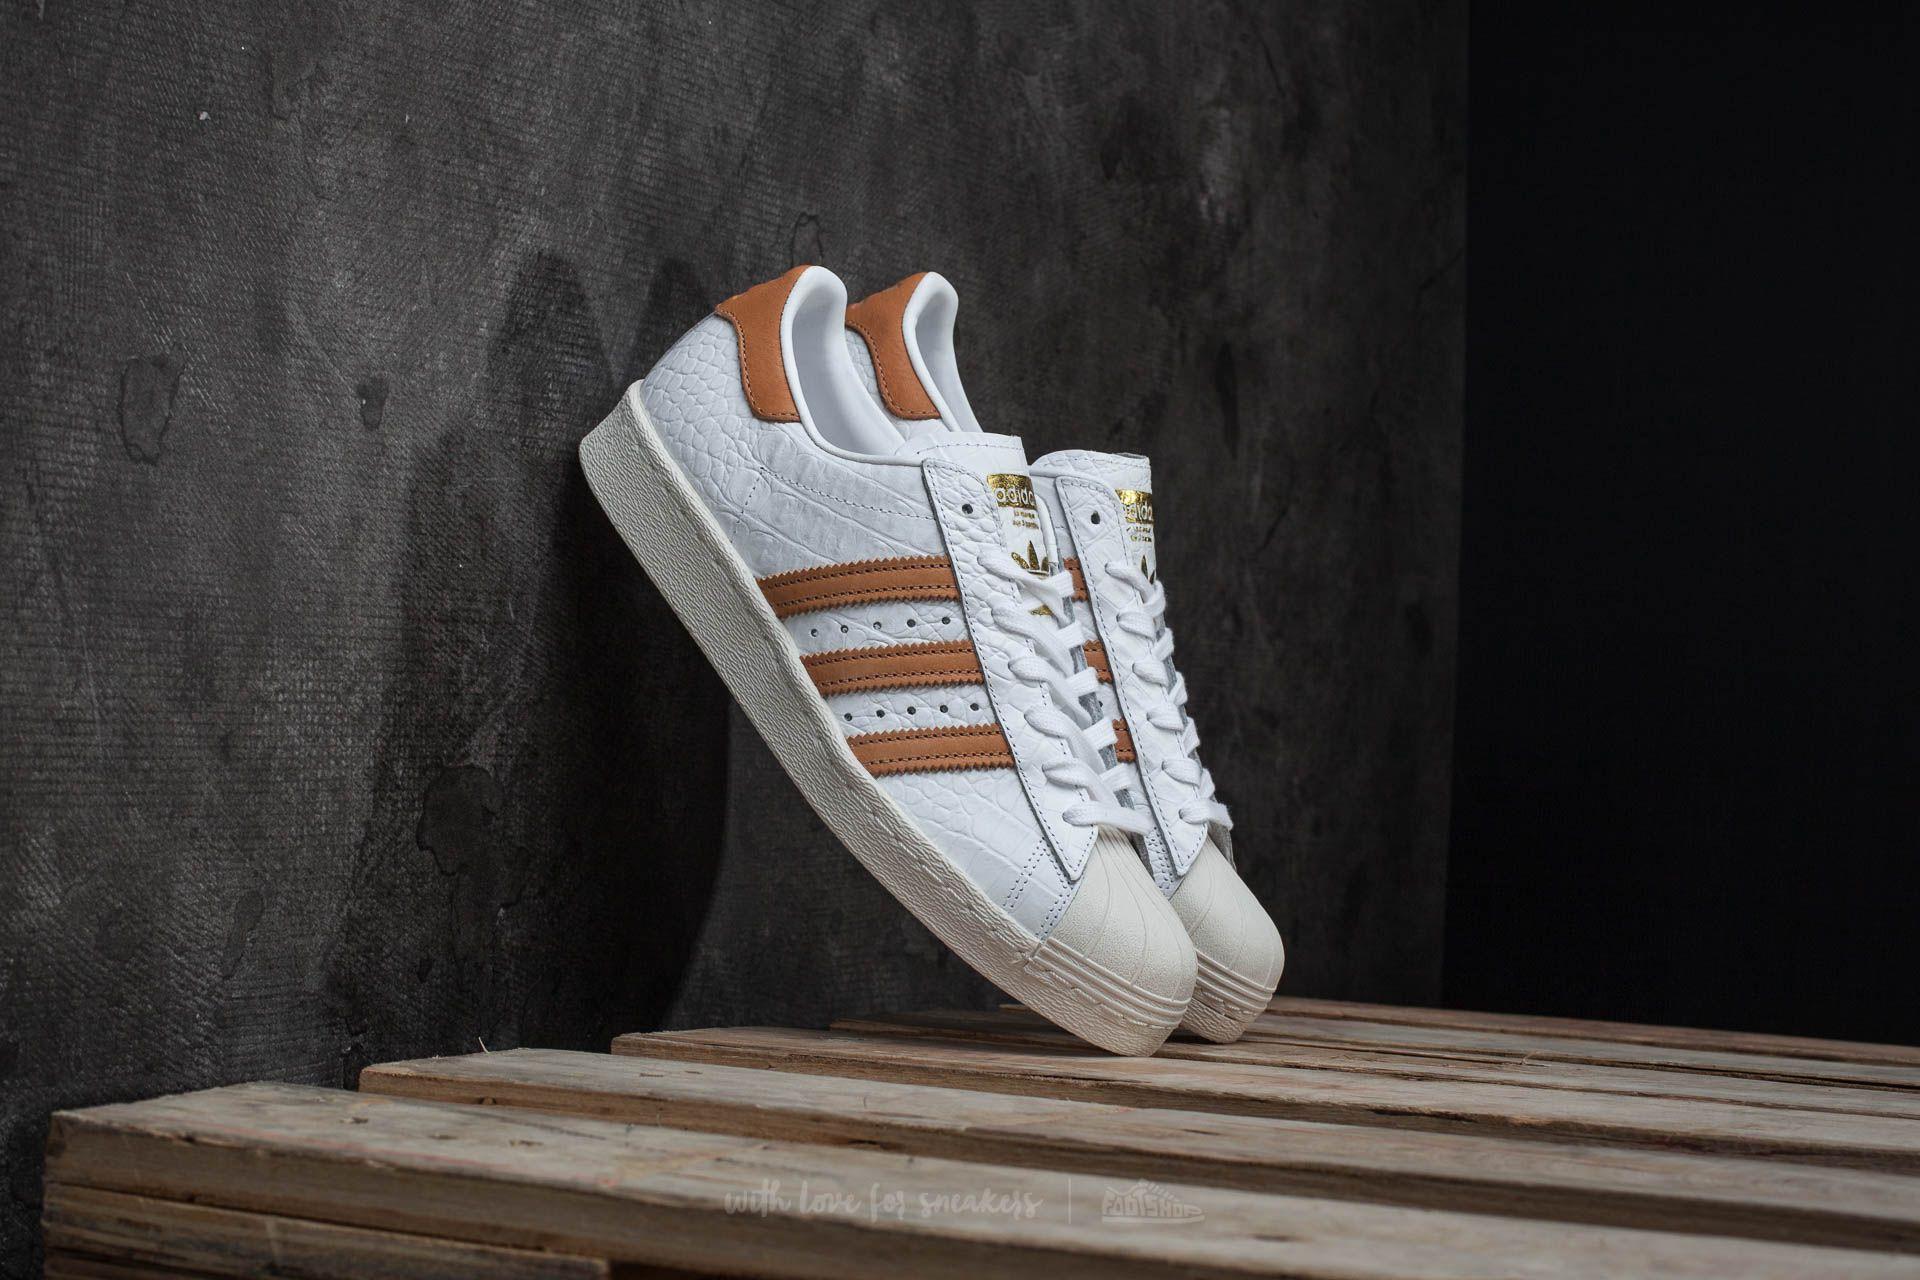 c5f158c5dec4 adidas Superstar 80s Ftw White  Ftw White  Gold Metallic